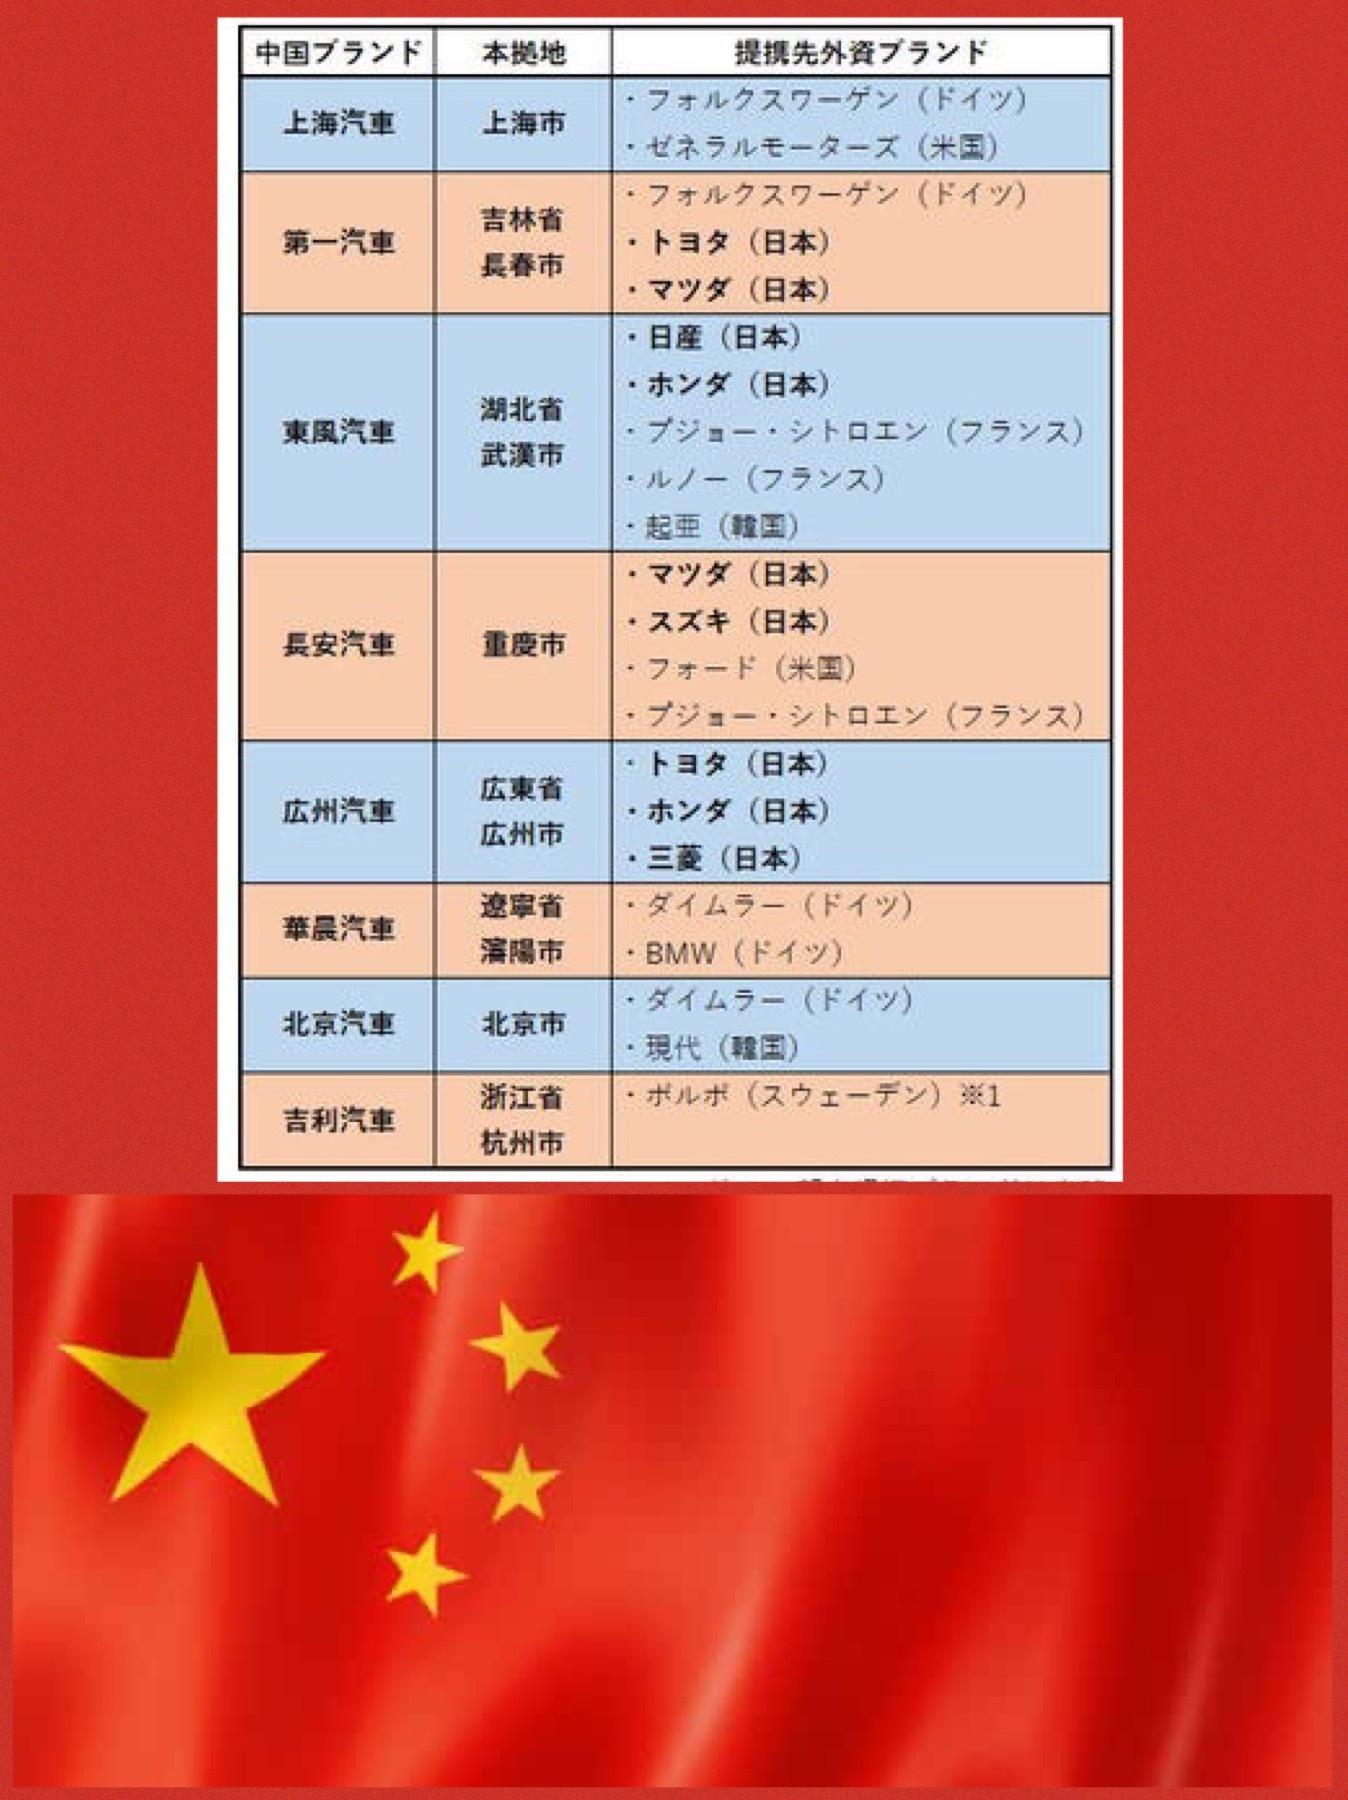 中国自動車メーカー合弁相手